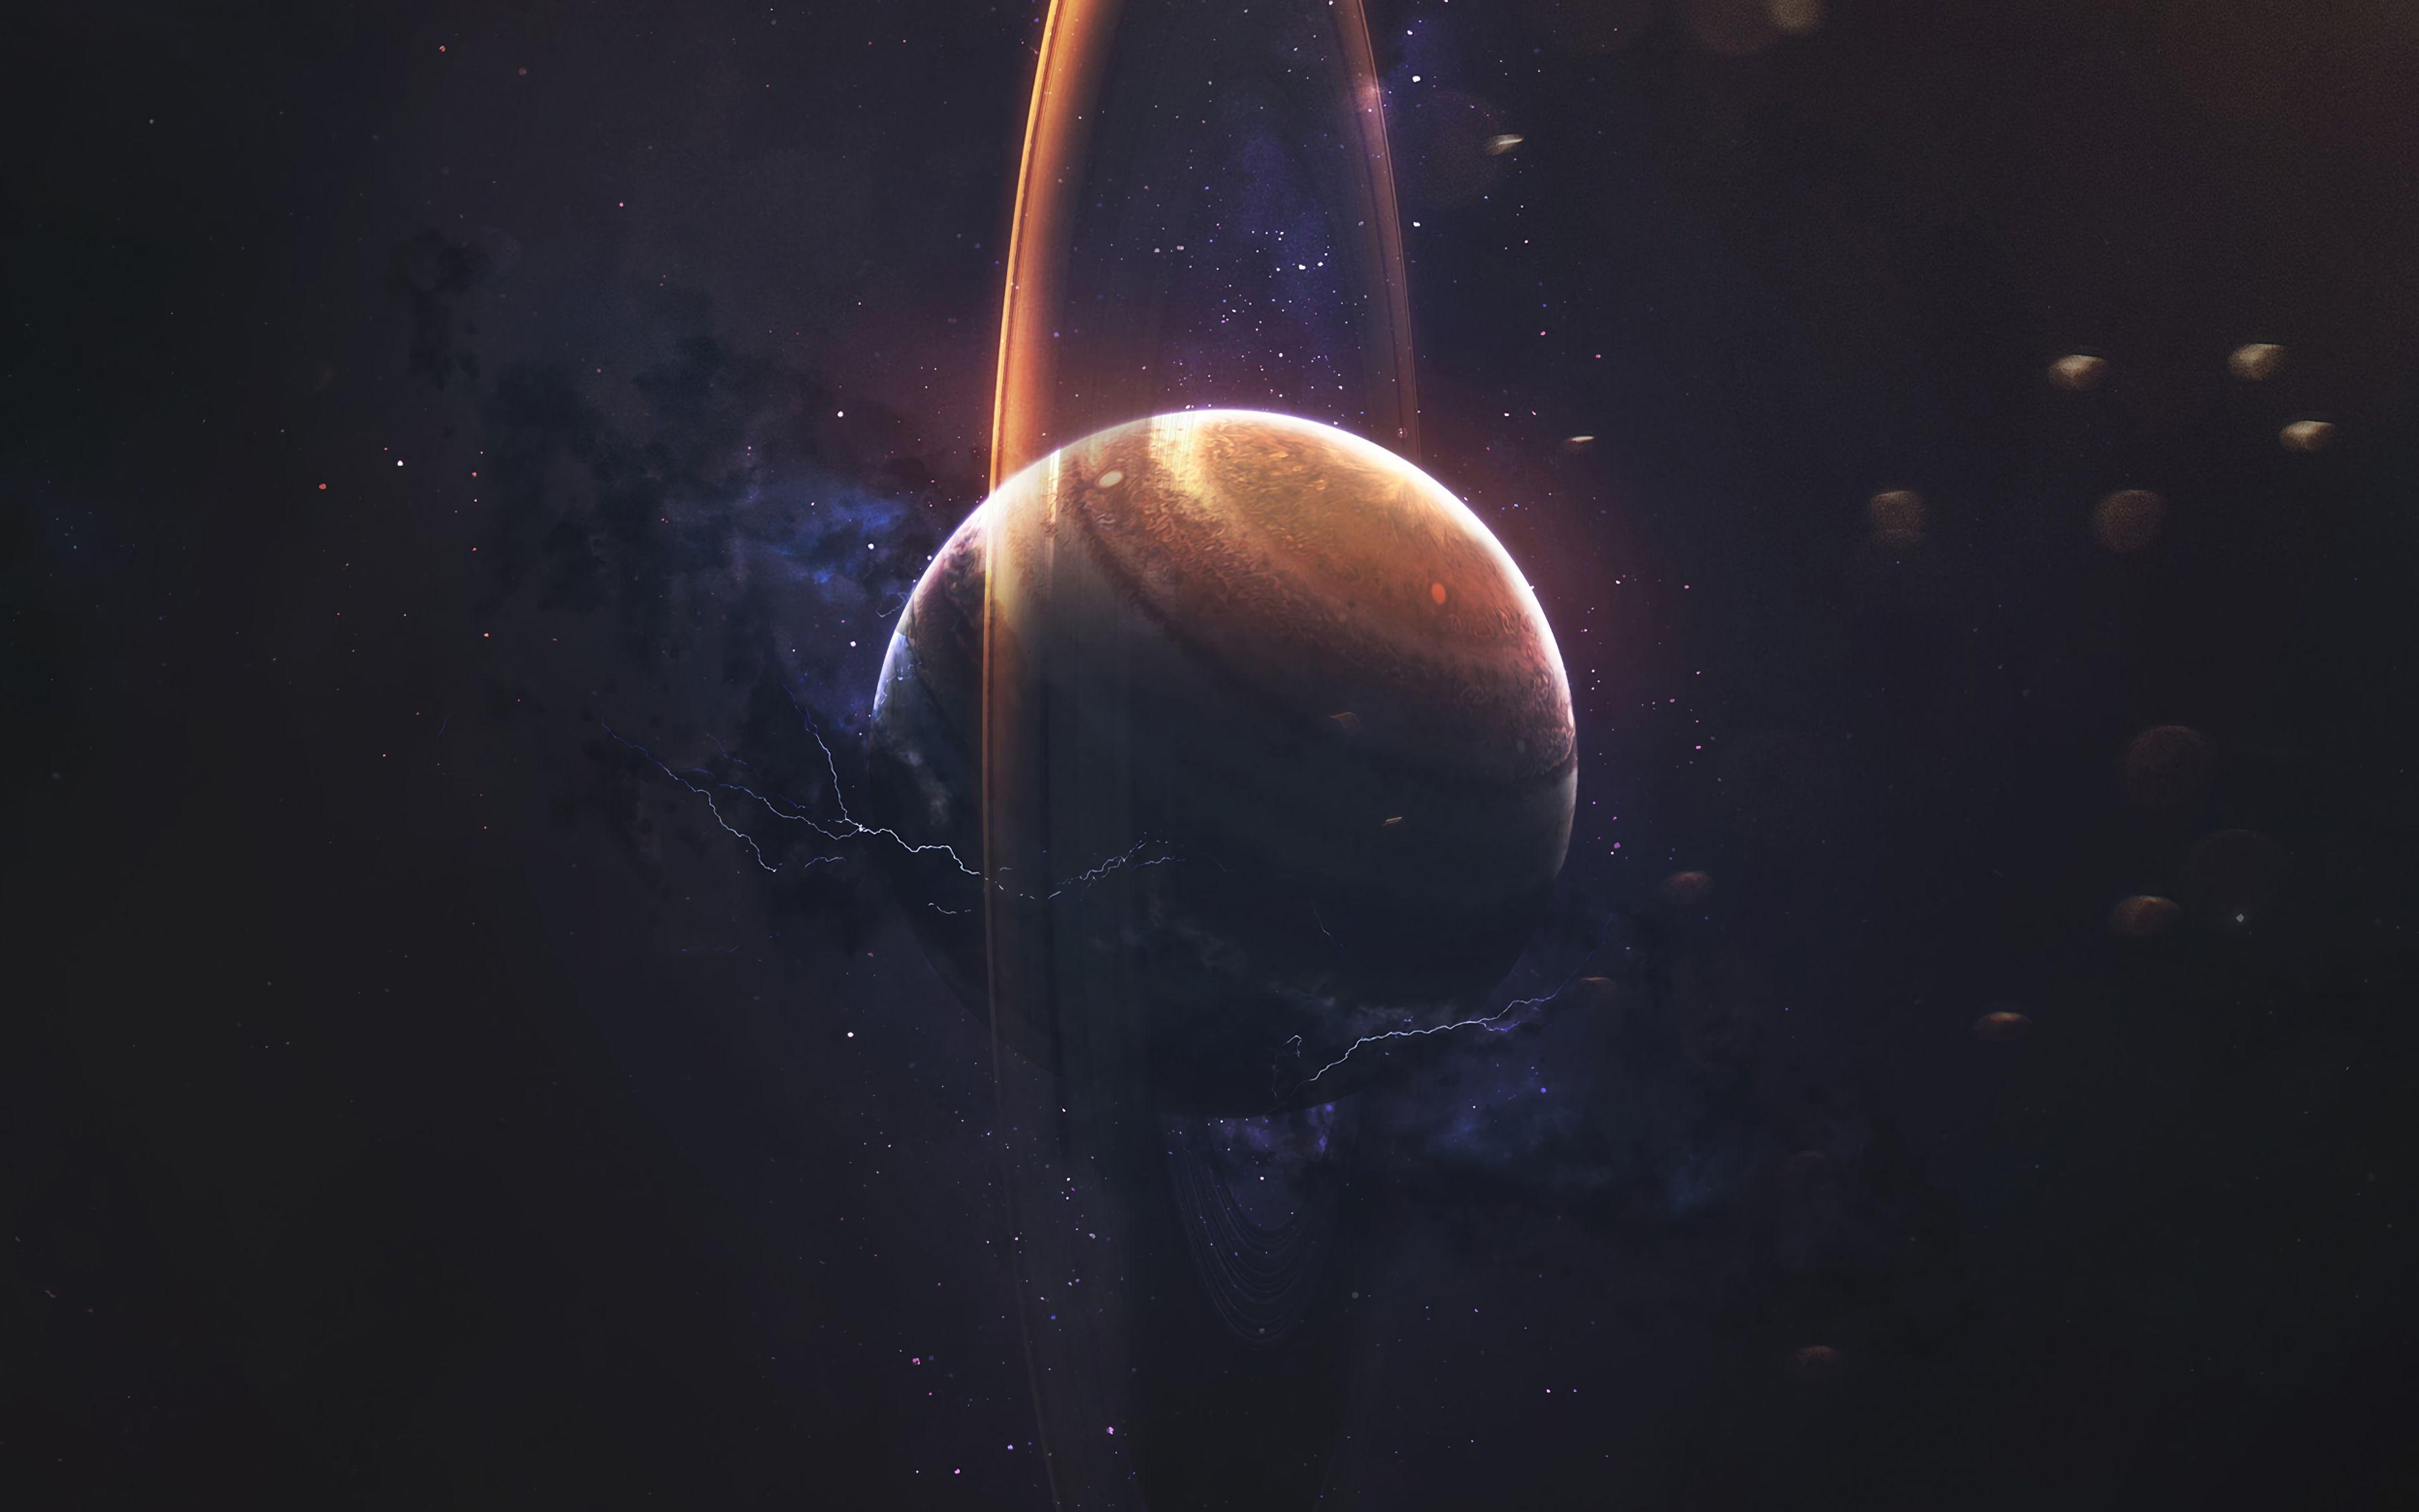 79646 скачать обои Сатурн, Планета, Кольцо, Космос, Молнии, Звезды - заставки и картинки бесплатно